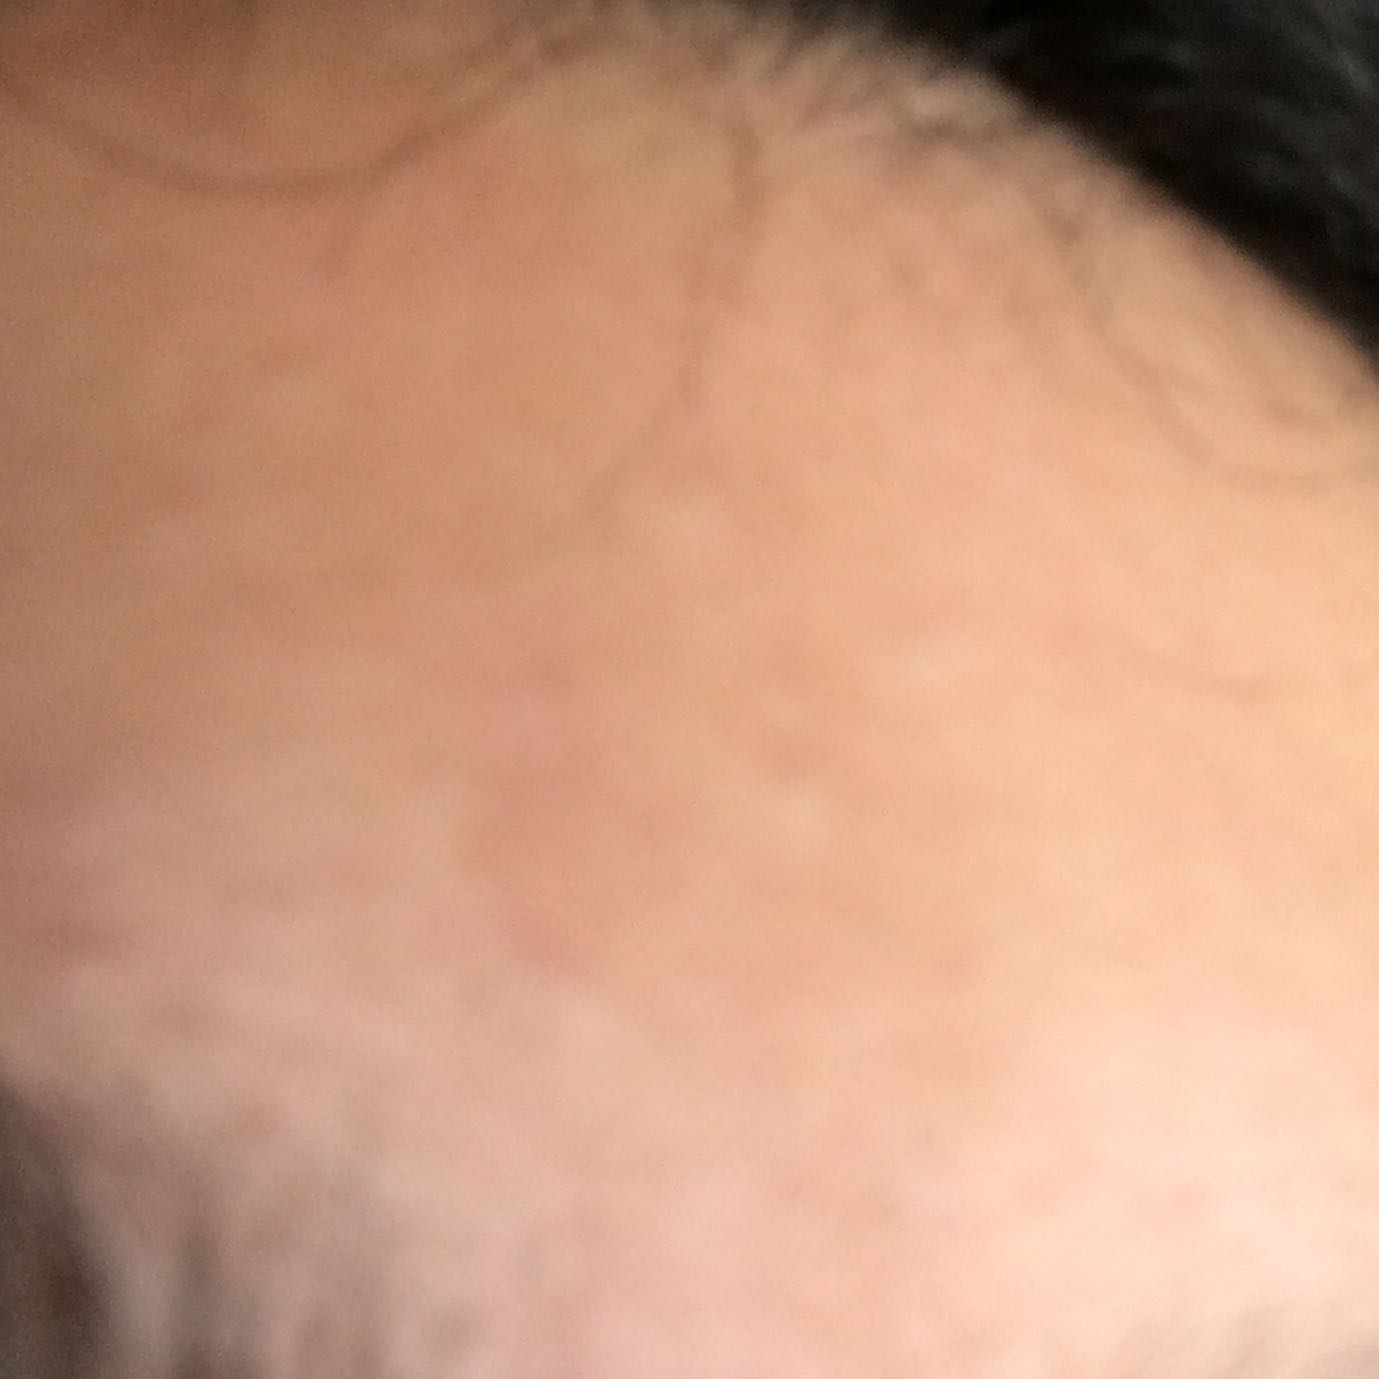 Ich habe viele kleine unsichtbare Pickel an meiner Stirn